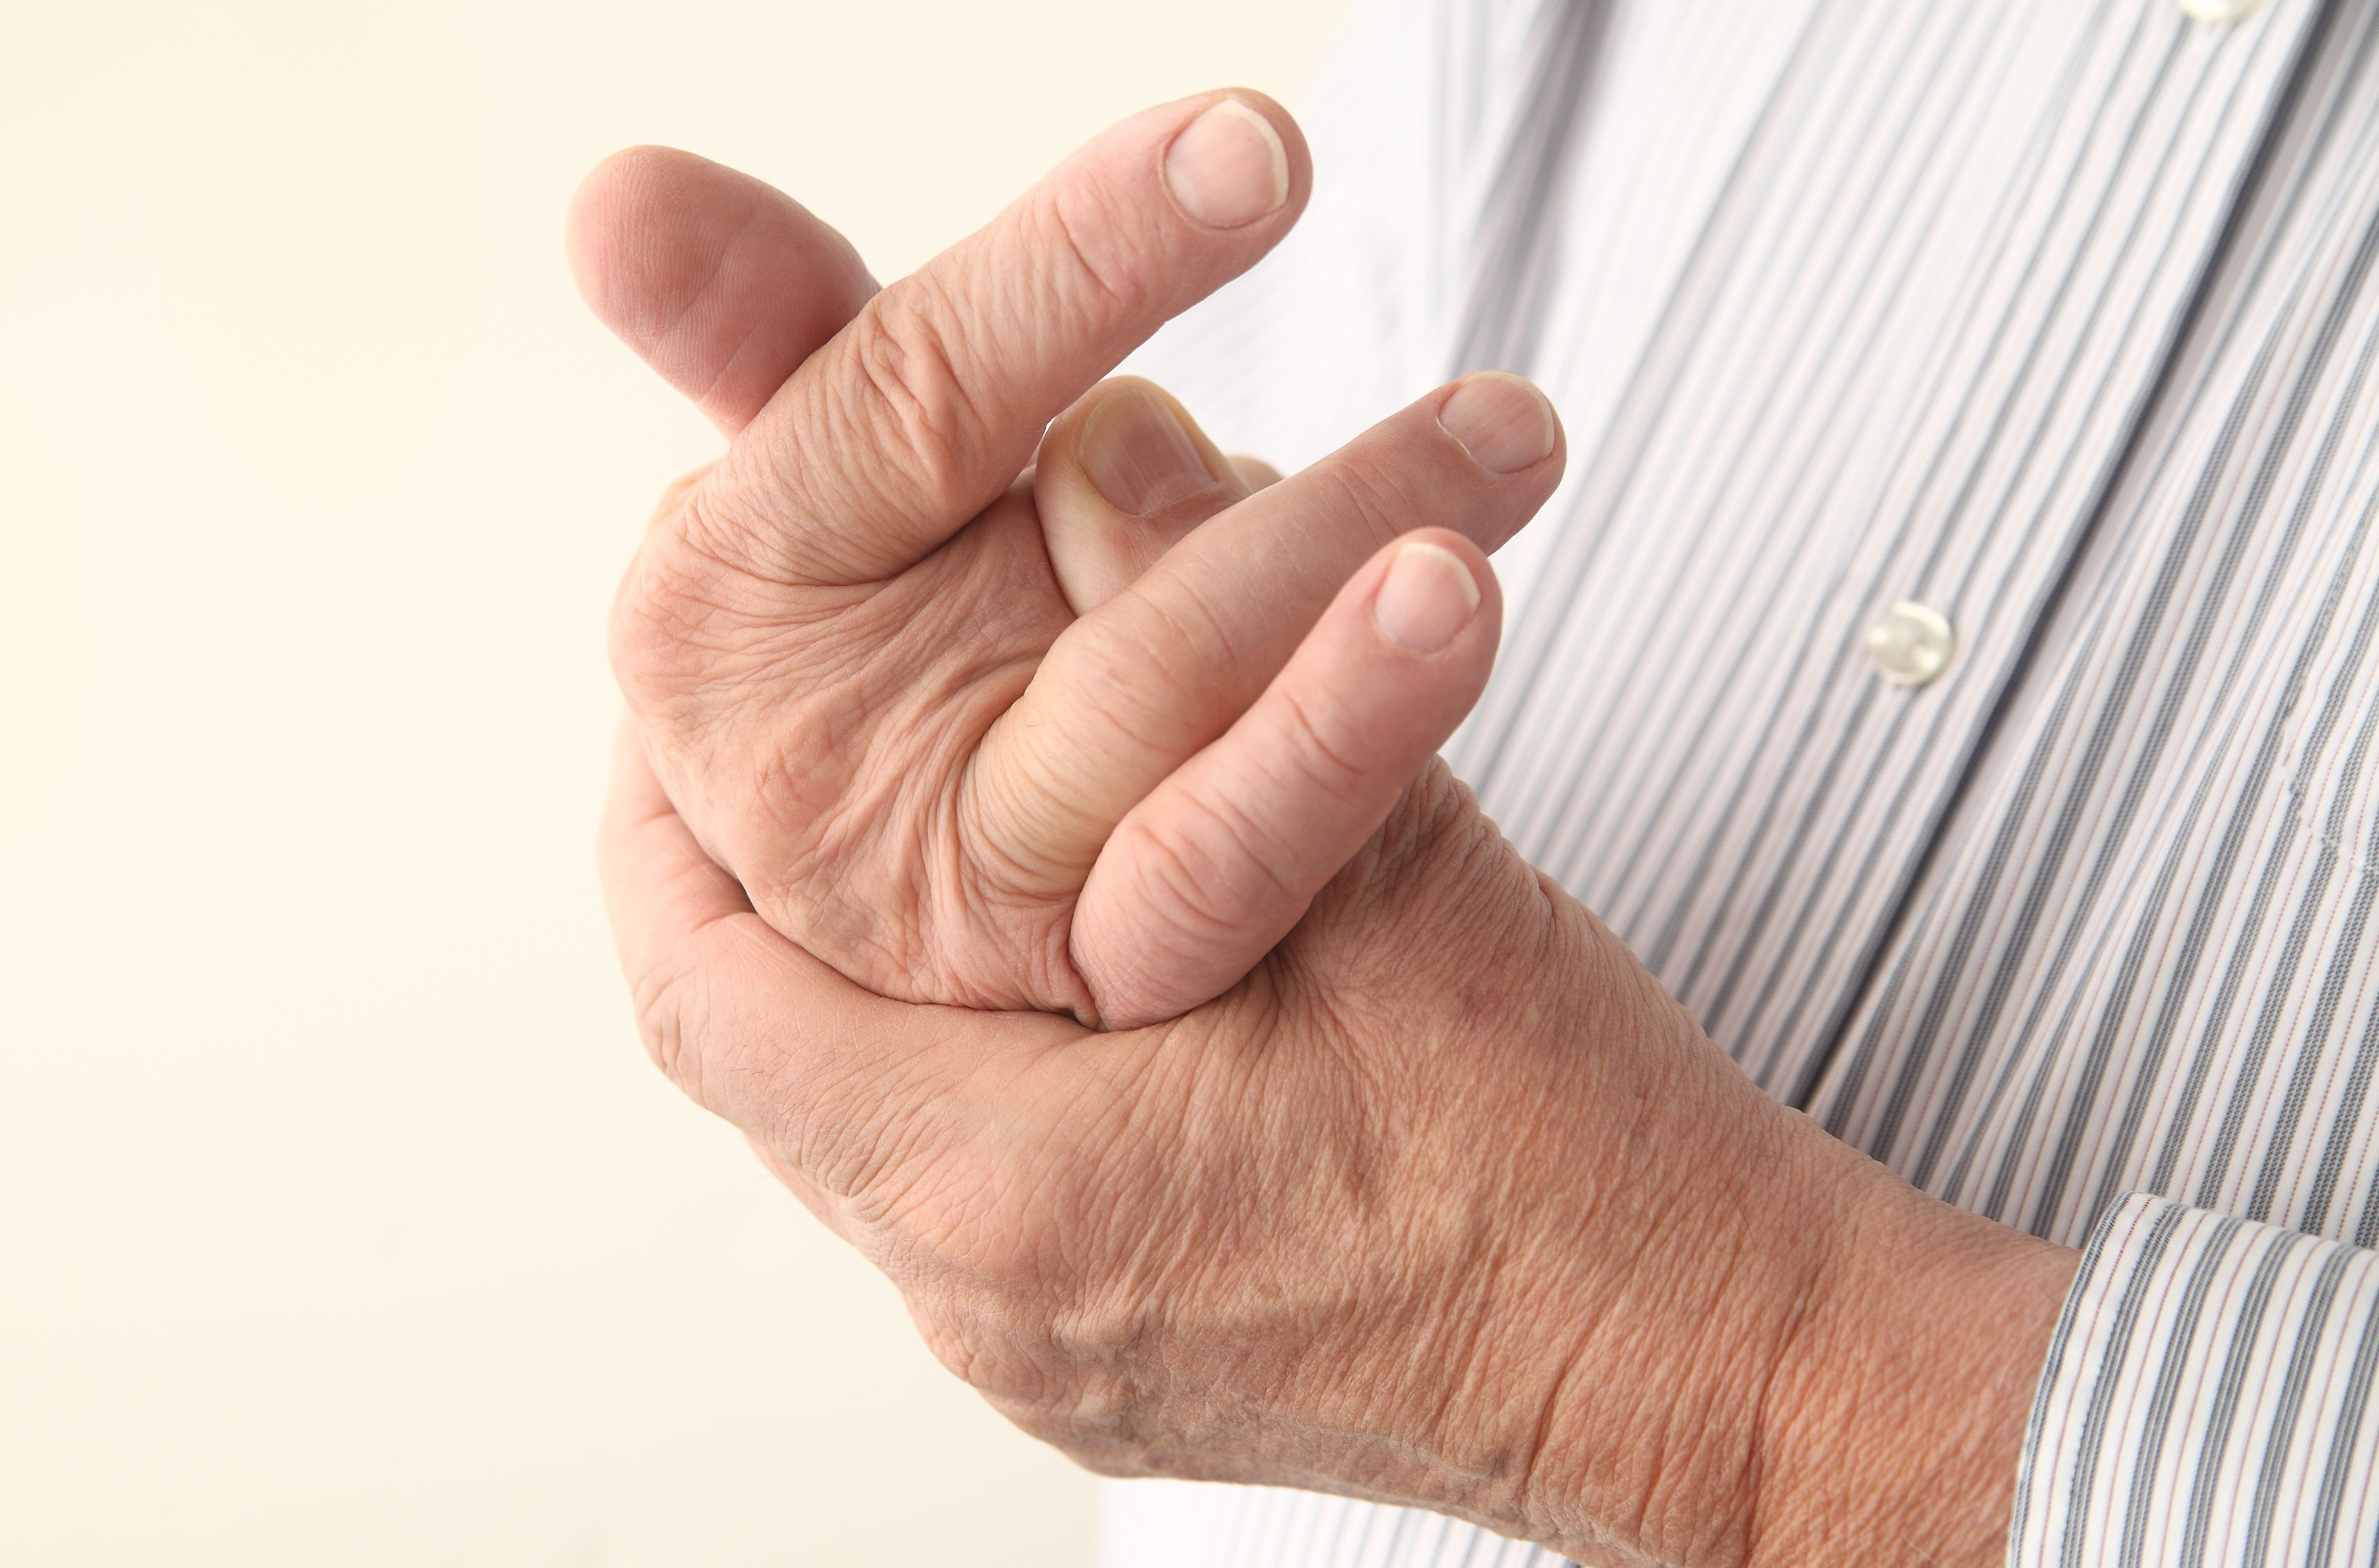 Артрит пальцев рук: симптомы, лечение